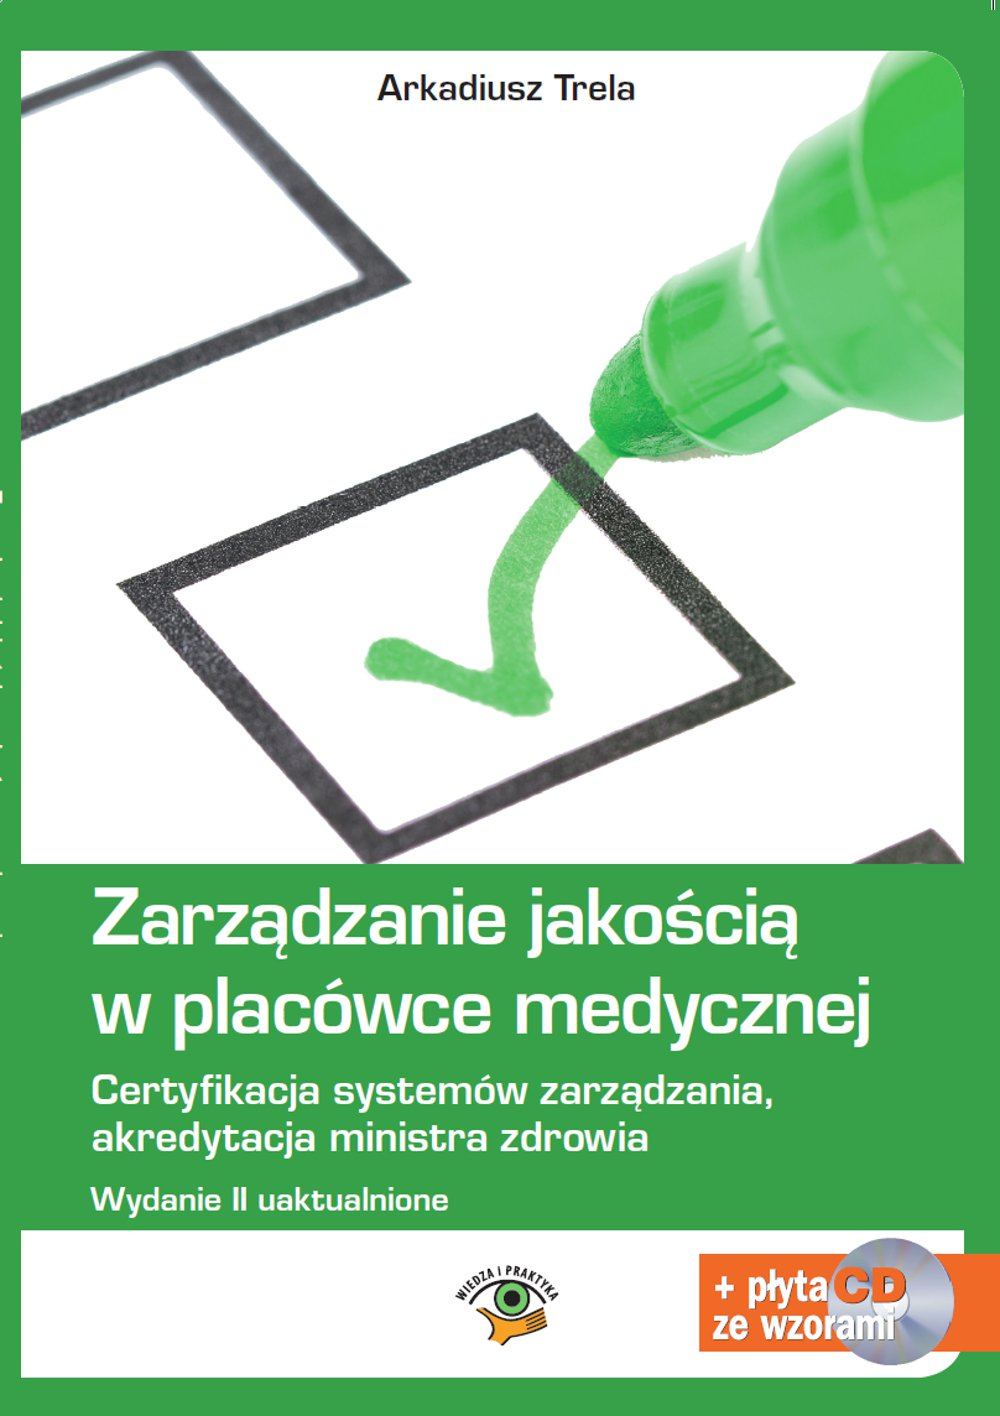 Zarządzanie jakością w placówce medycznej. Wydanie II - Ebook (Książka PDF) do pobrania w formacie PDF